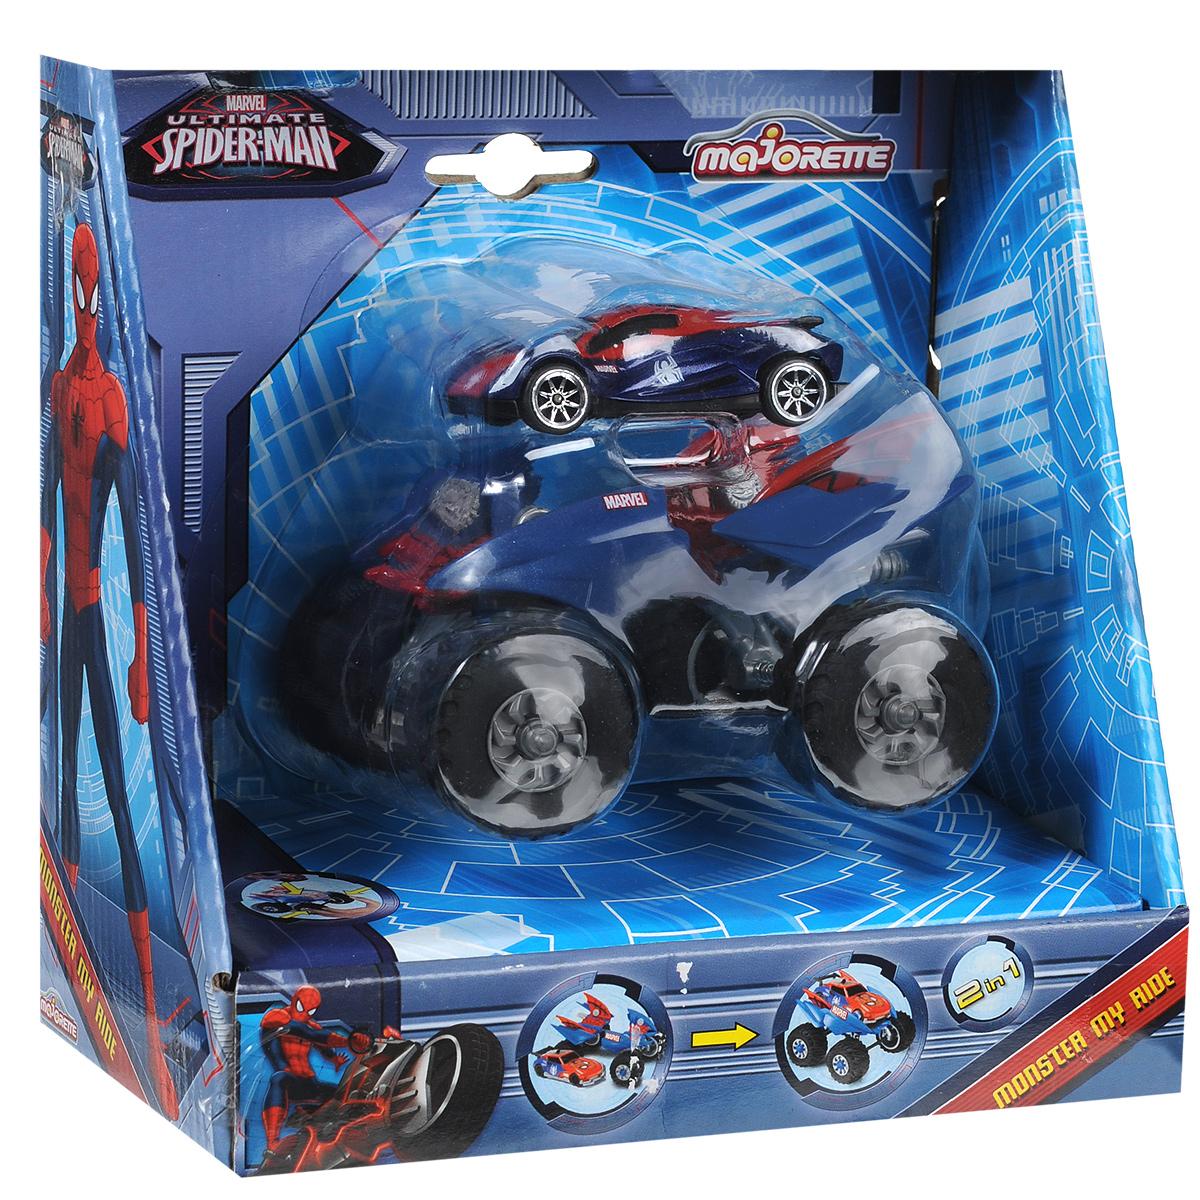 Majorette Игровой набор Spider-Man Автомобиль и шасси 2в13089798Игровой набор Spider-Man Автомобиль и шасси понравится маленькому любителю комиксов о Человеке-пауке. В него входят машинка и шасси с большими колесами. Если соединить их, получится крутой внедорожник. Ваш малыш будет в восторге от такого подарка!